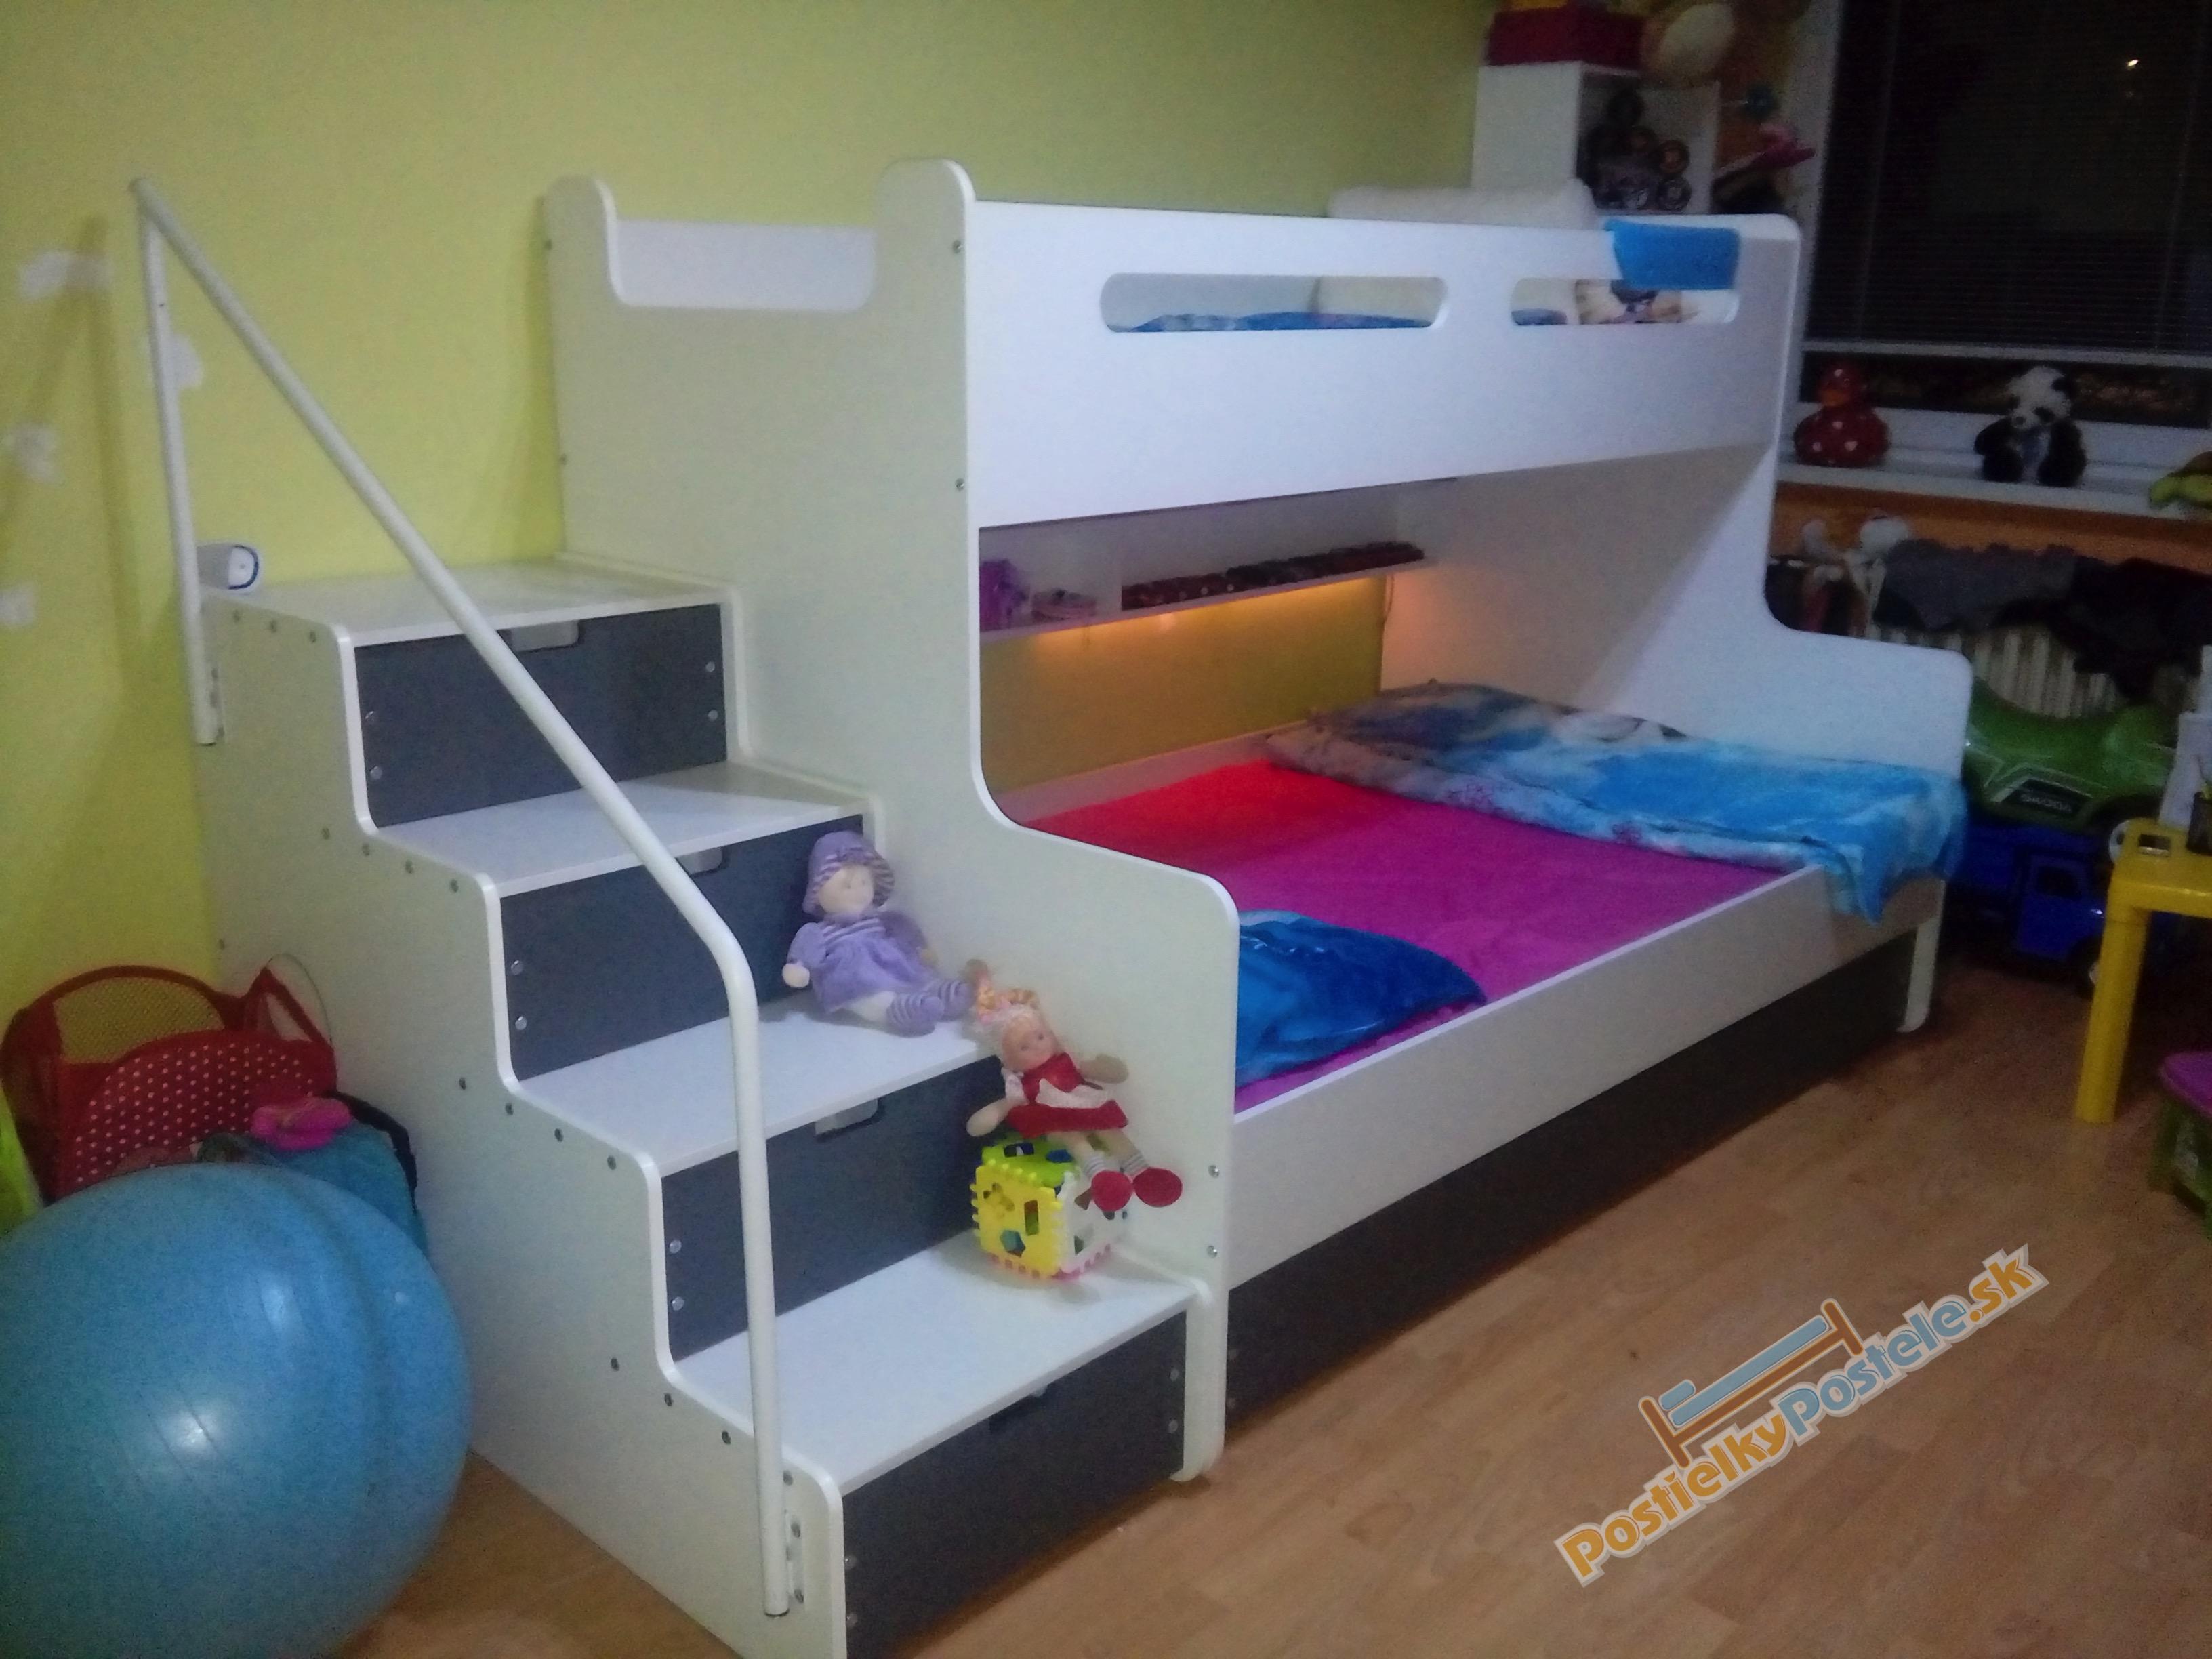 MAX 3 - Poschodová posteľ rozšírená - 200x120cm - Biely - Grafitový ... 9b1baced34d